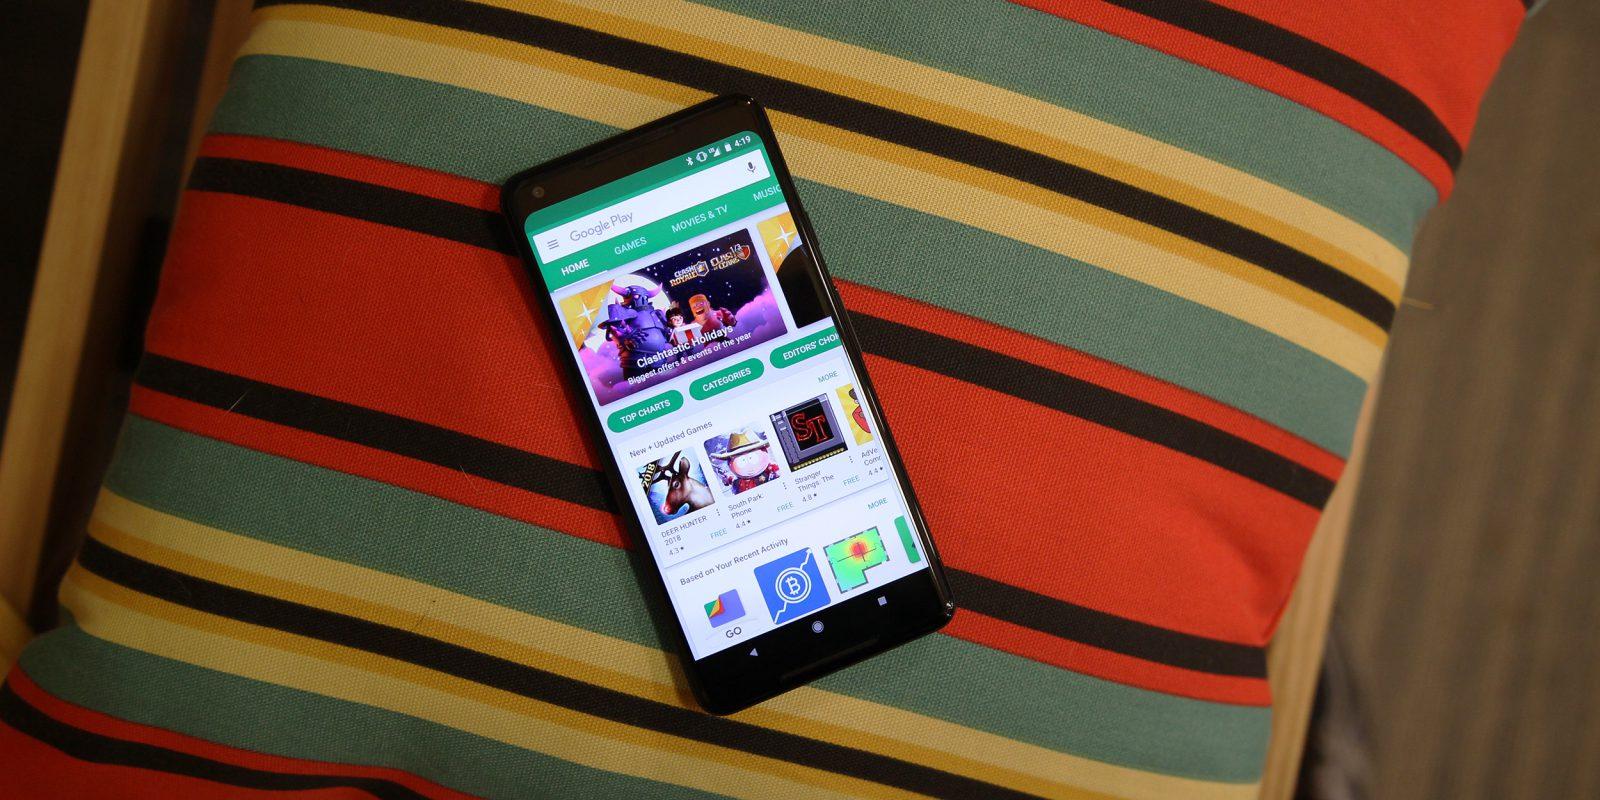 Новый рекорд загрузок приложений зафиксировали в Google Play